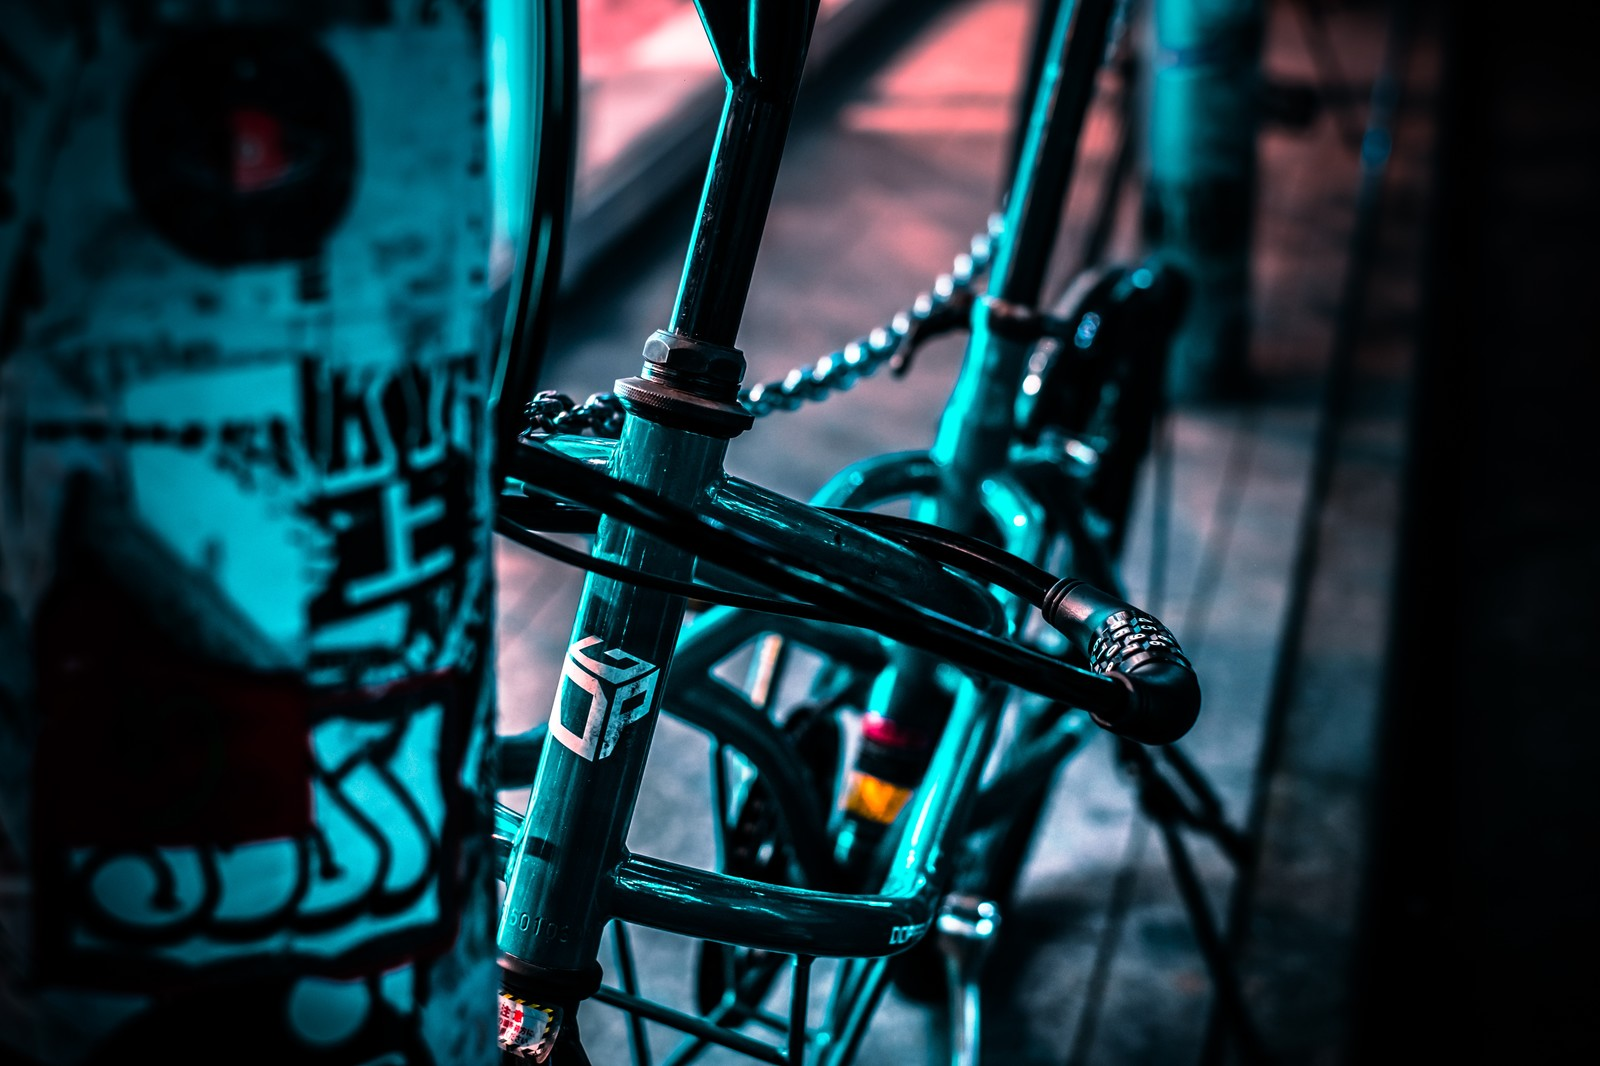 「路肩に鍵をかけて停まる自転車 | 写真の無料素材・フリー素材 - ぱくたそ」の写真